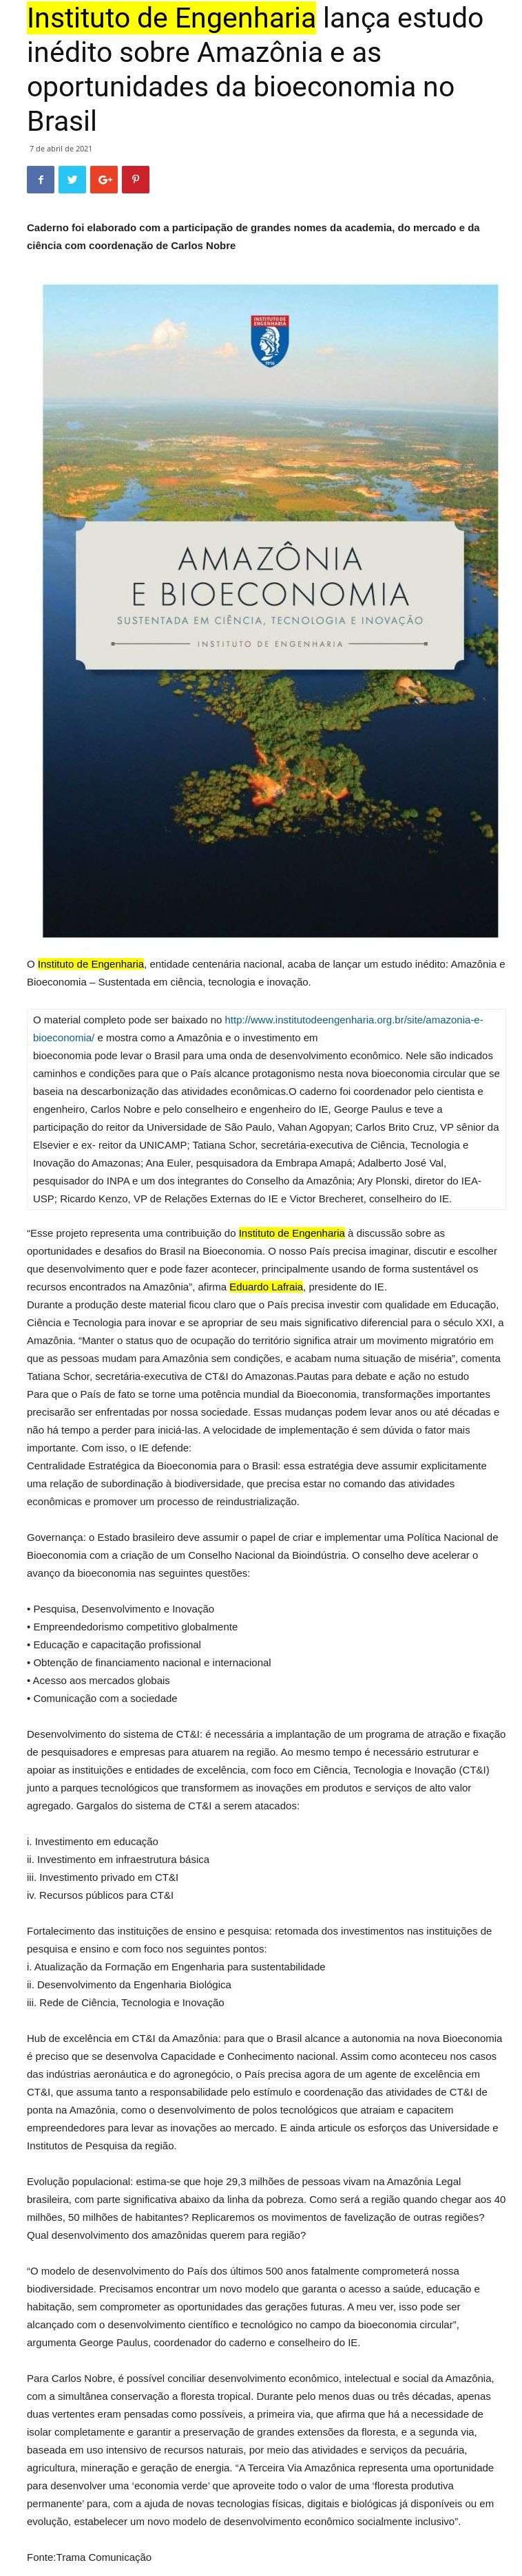 Instituto de Engenharia lança estudo inédito sobre Amazônia e as oportunidades da bioeconomia no Brasil - Jornal O Painel